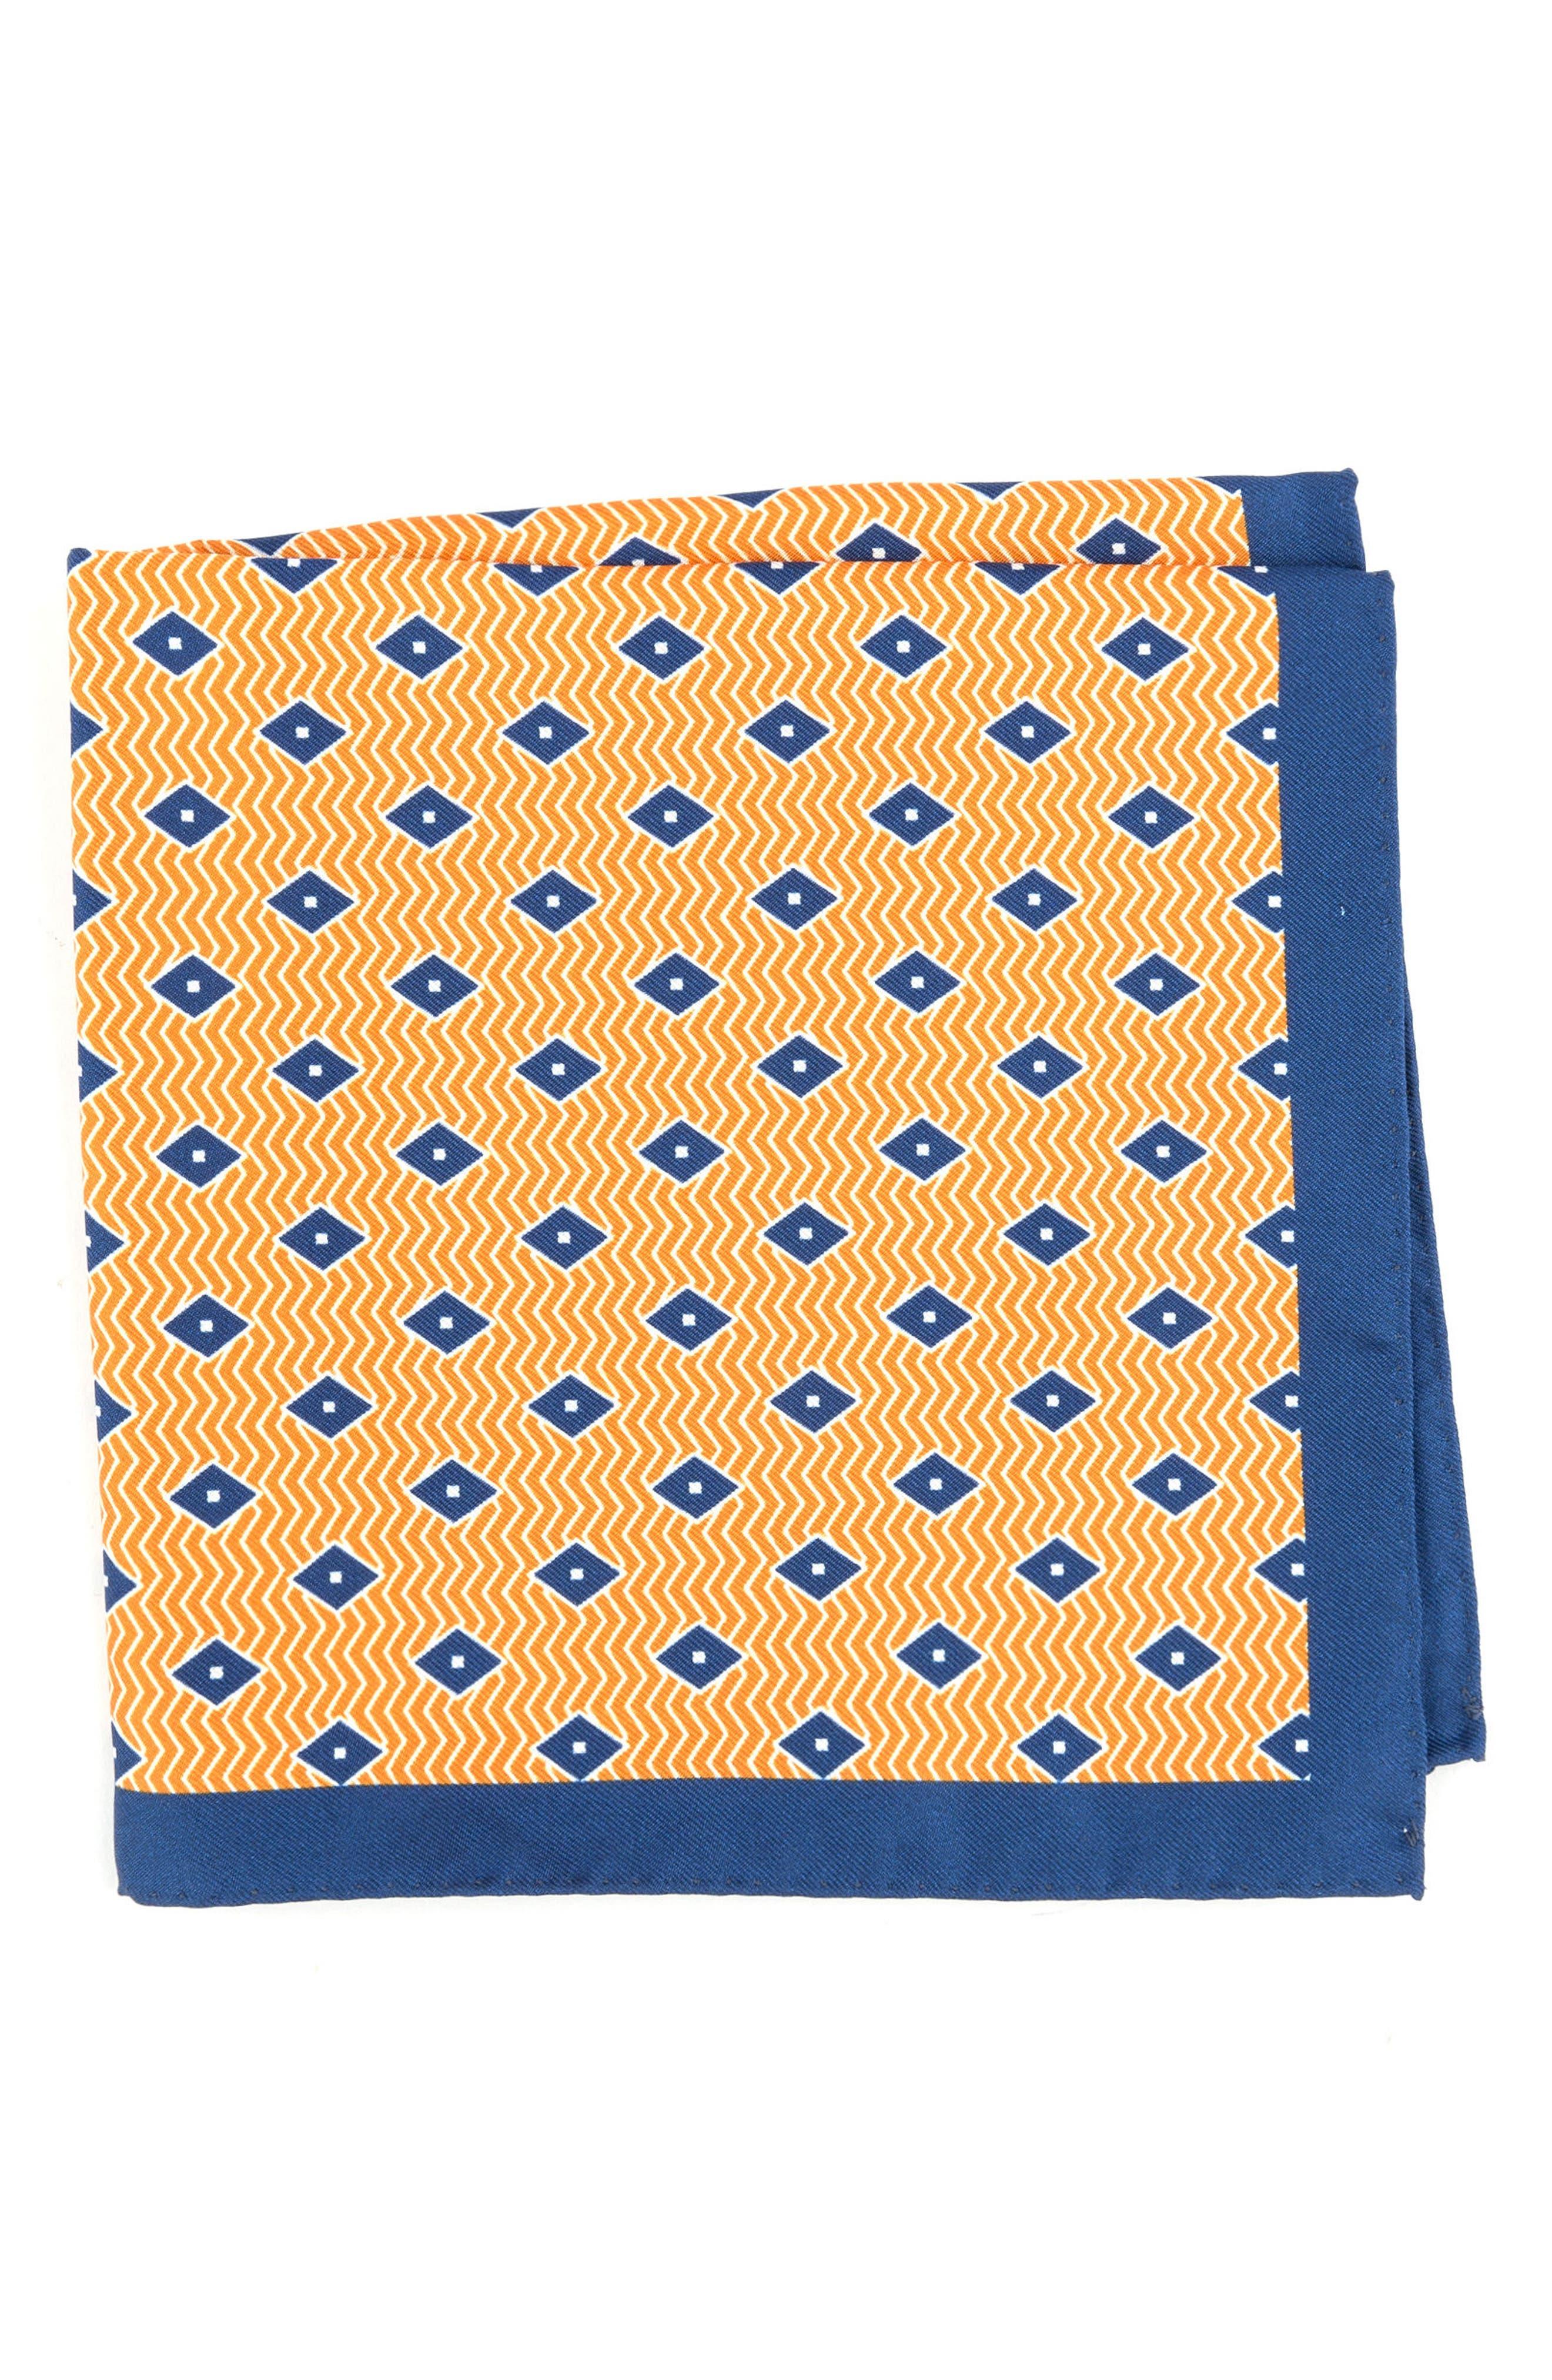 Diamond Silk Pocket Square,                             Main thumbnail 1, color,                             Orange